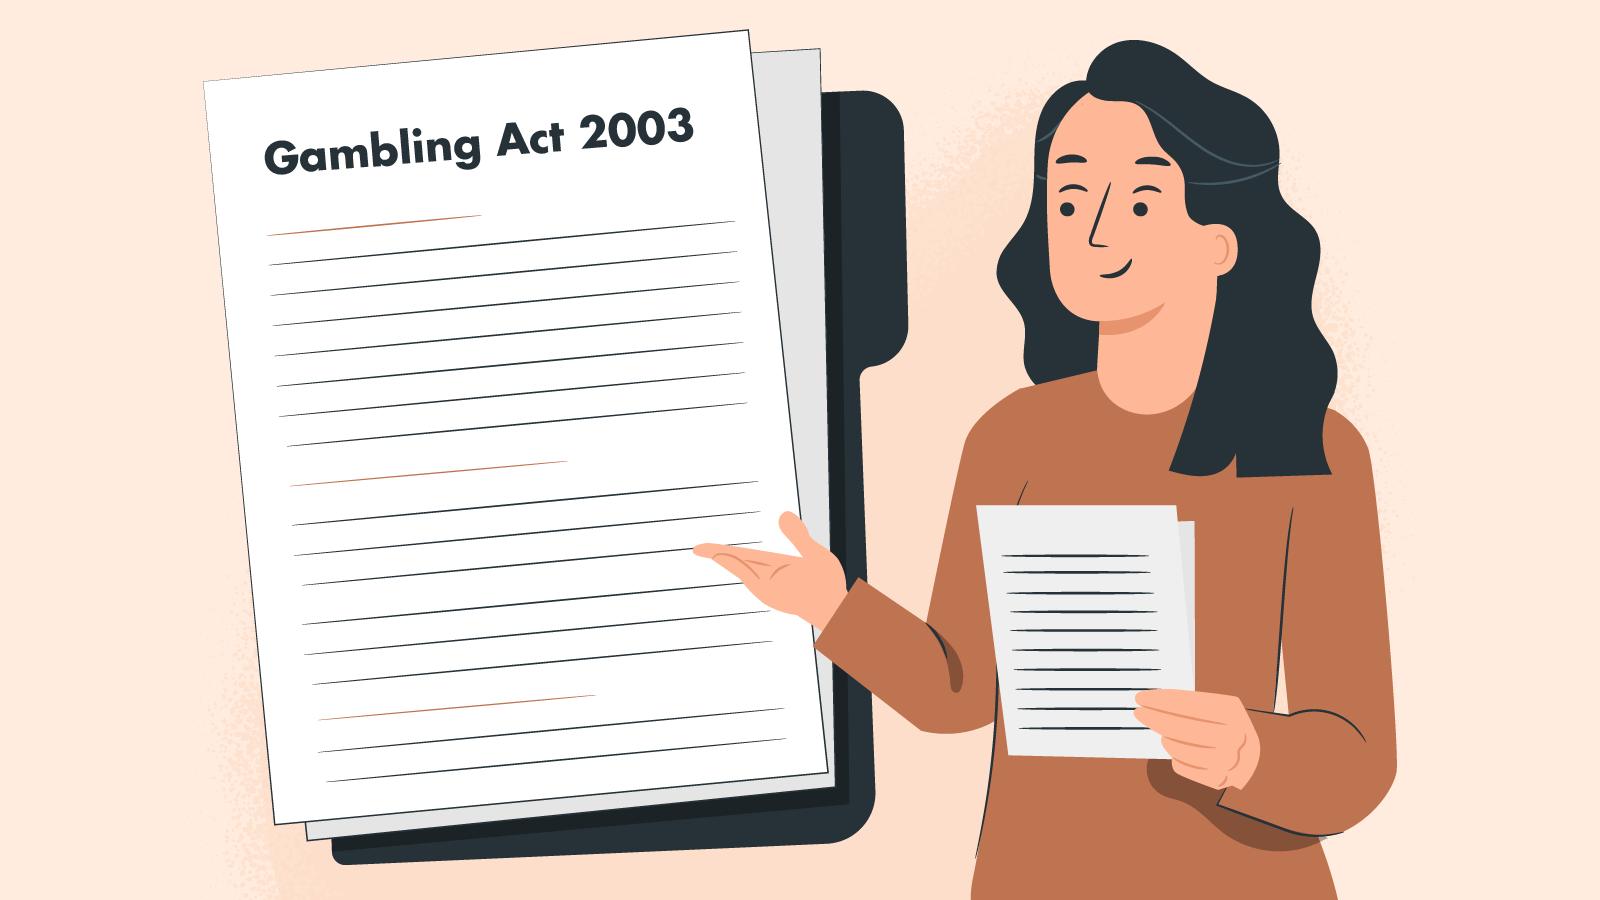 Gambling Act 2003